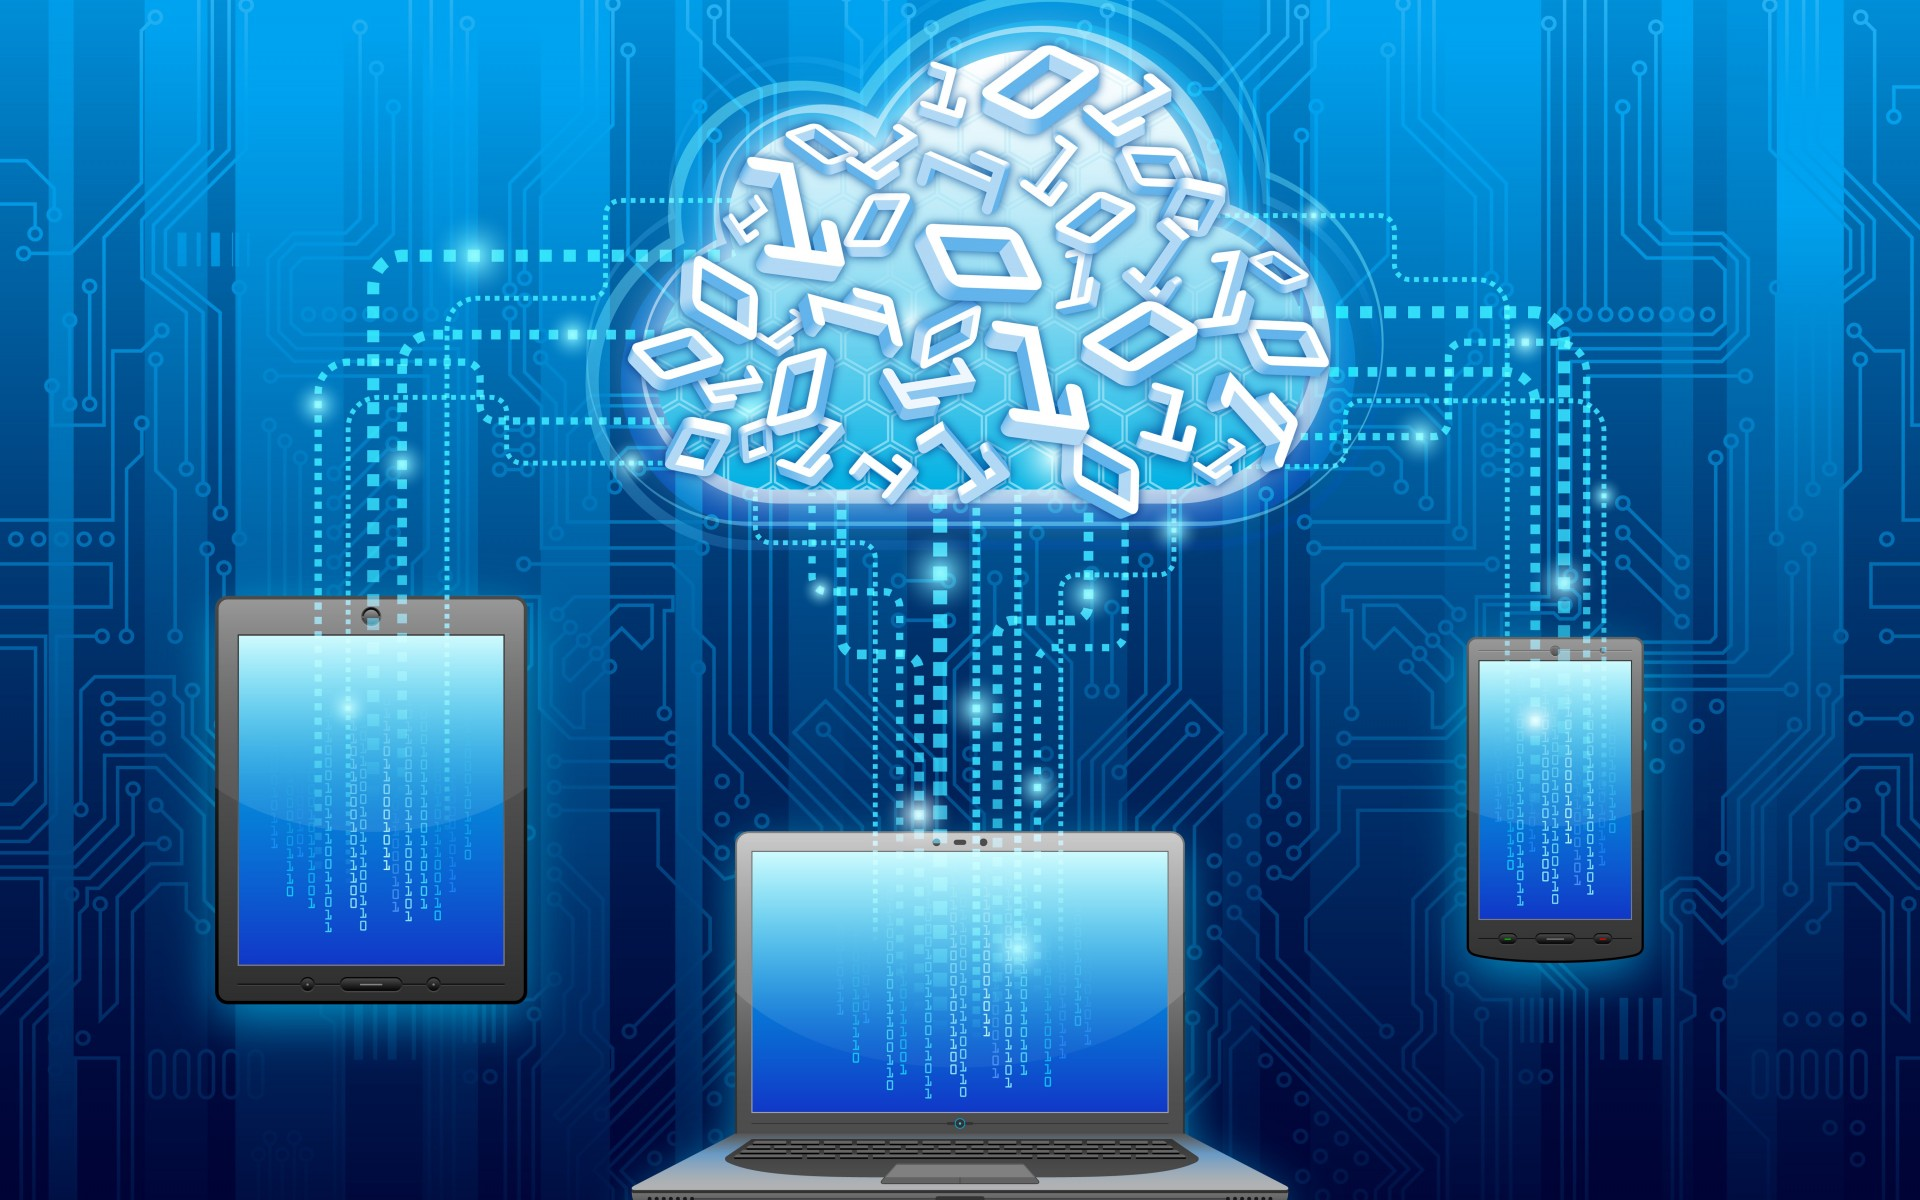 تحضير درس أدوات إدخال البيانات 2( أداة مربع الاختيار)مادة الحاسب الالي 1 نظام المقررات 1441